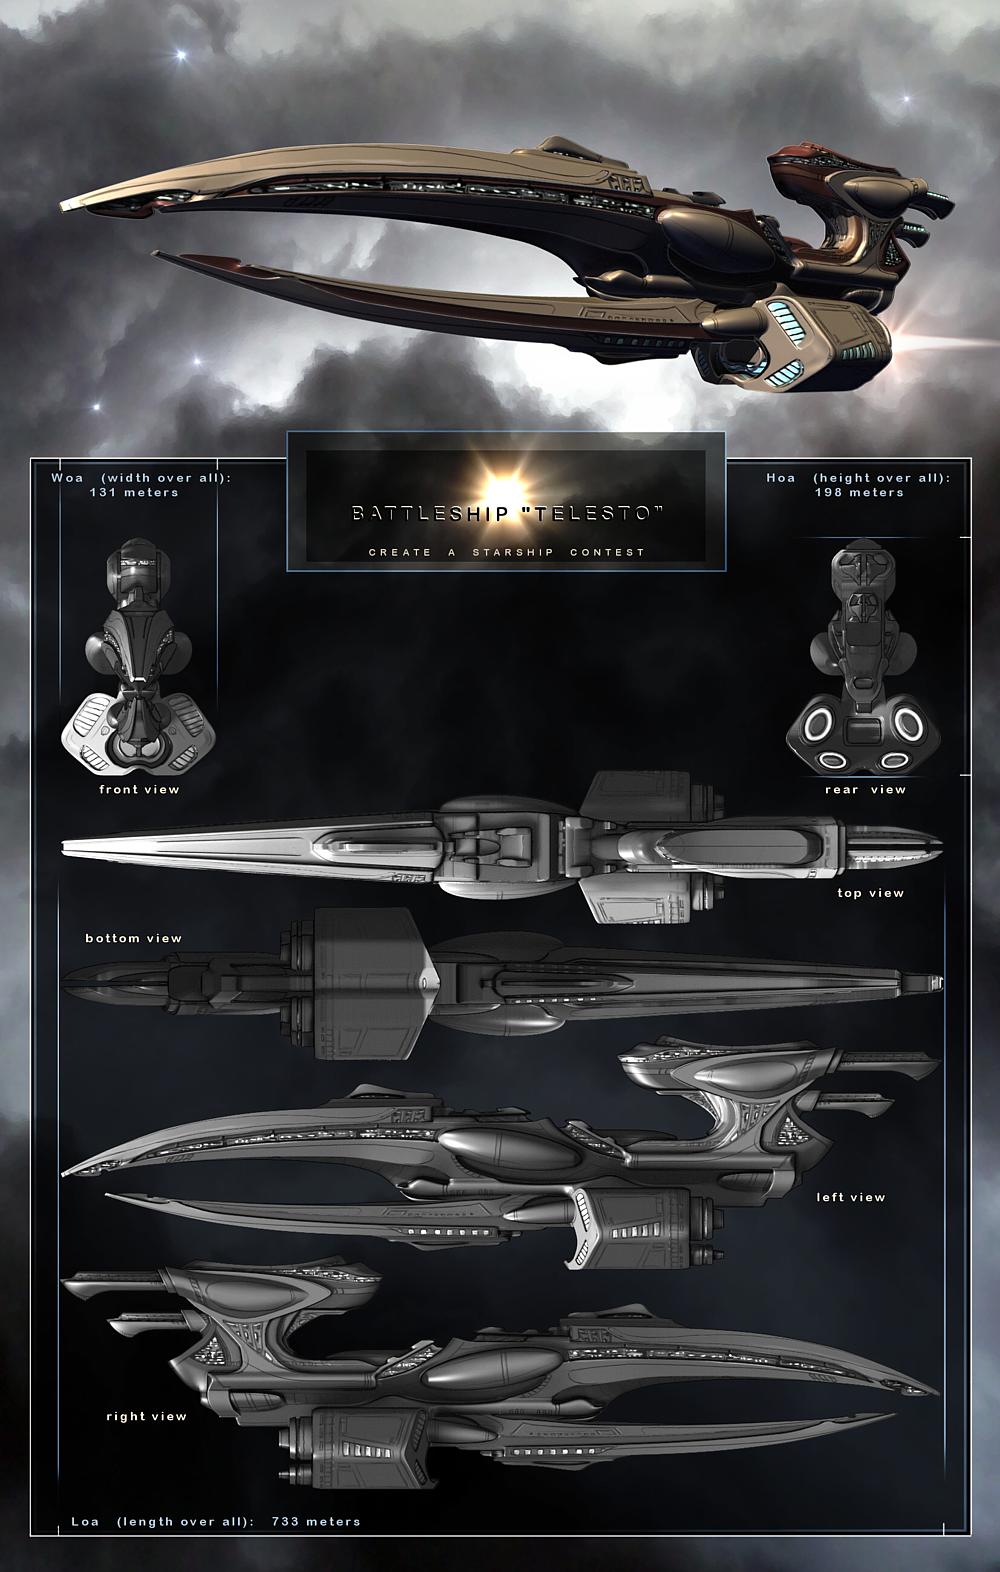 Battleship 'Telesto' by img-nation